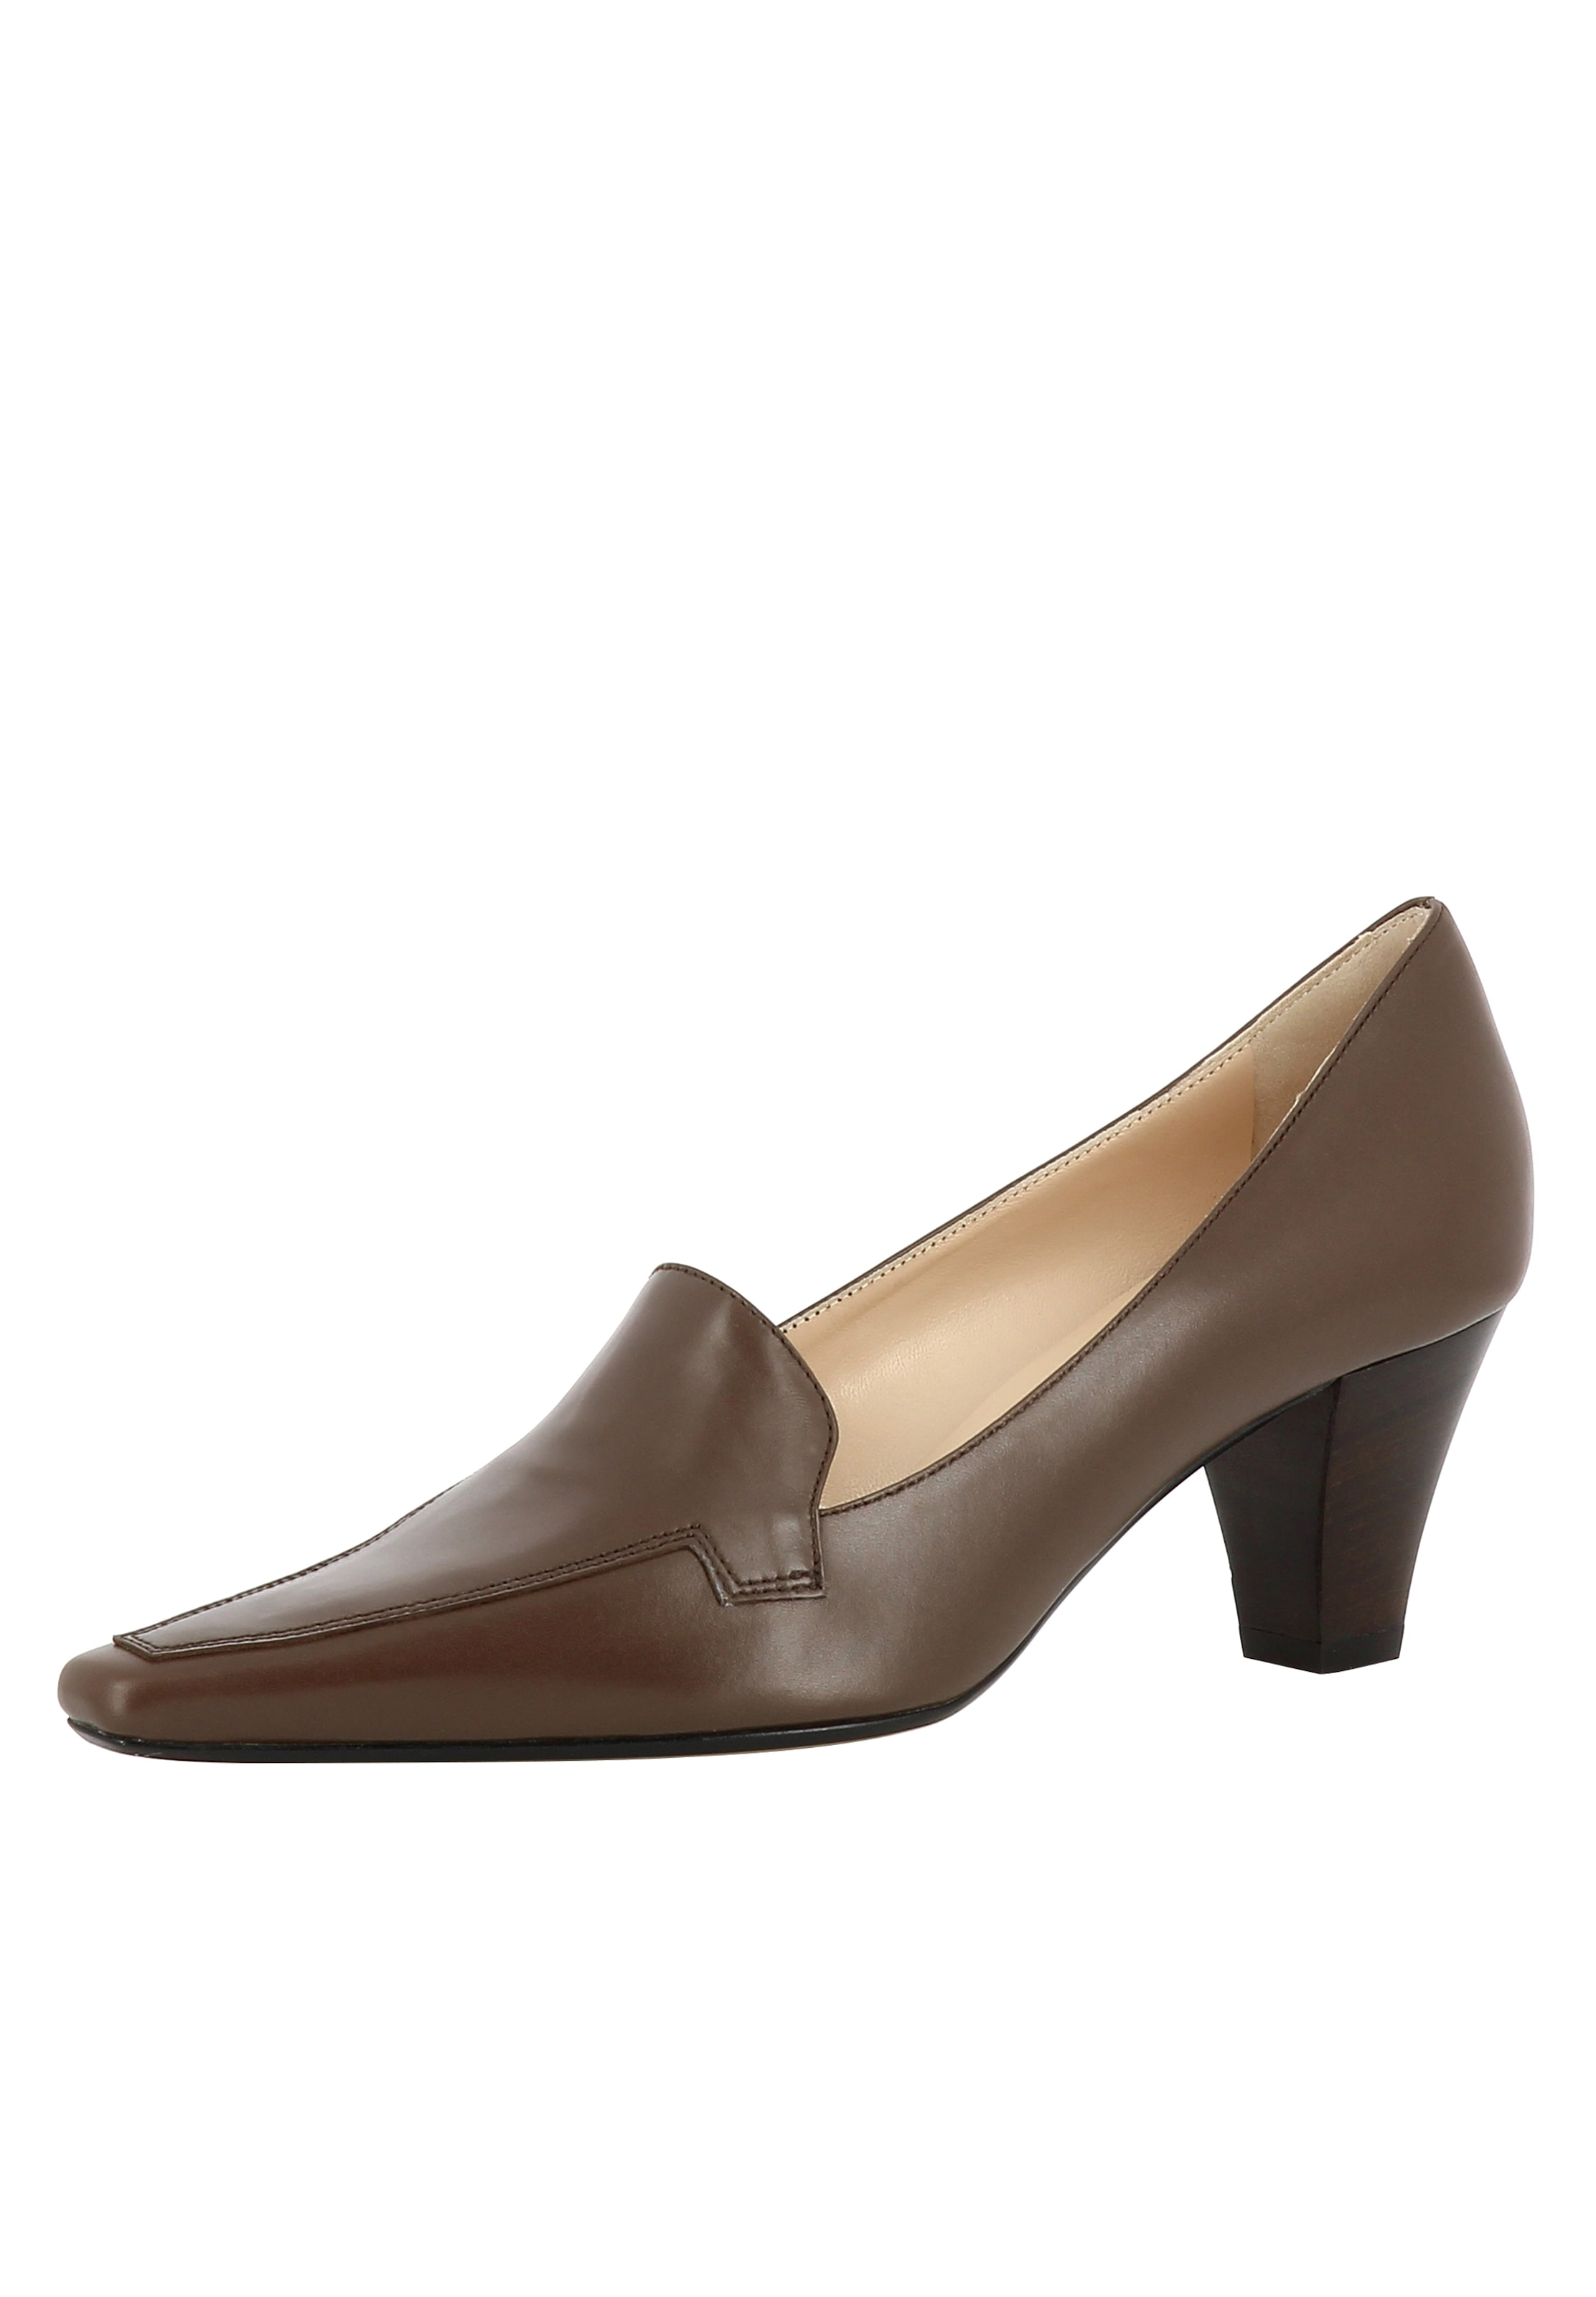 EVITA Damen Pumps PATRIZIA Verschleißfeste billige Schuhe